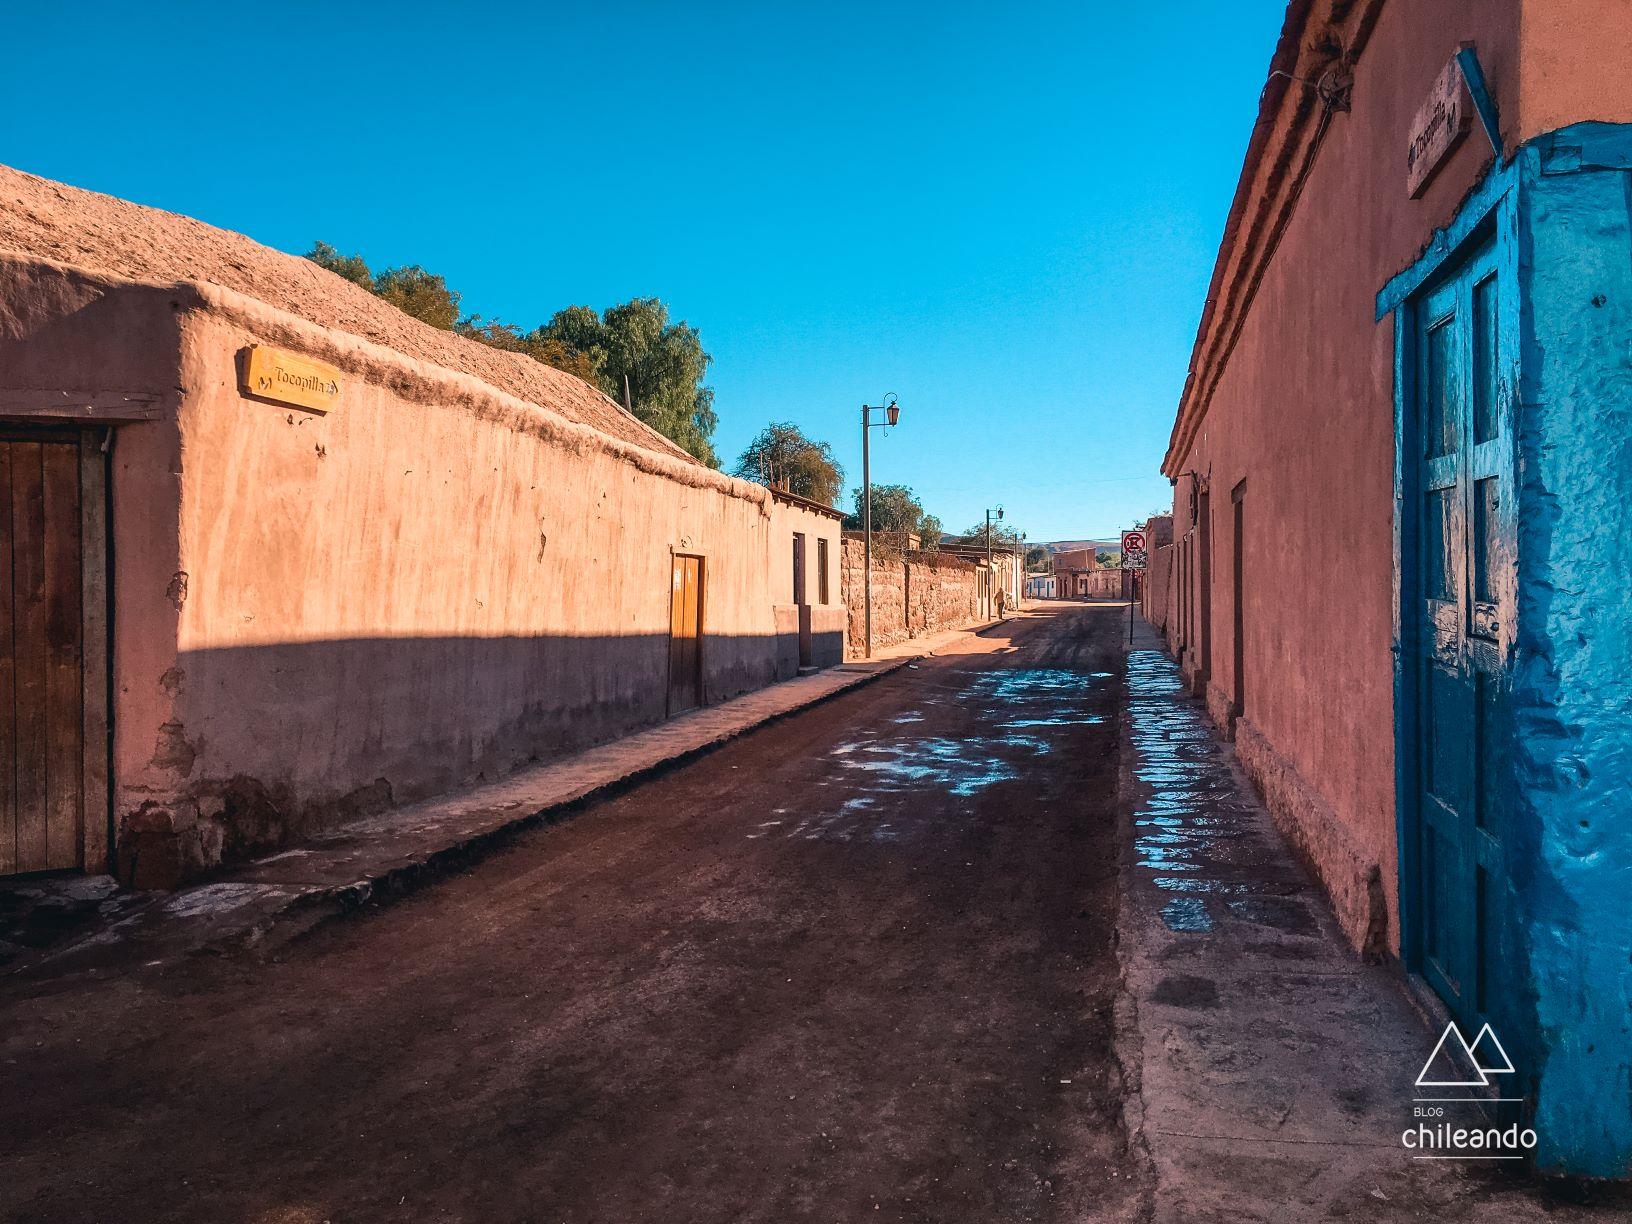 Rua de San Pedro ainda vazia pela manhã